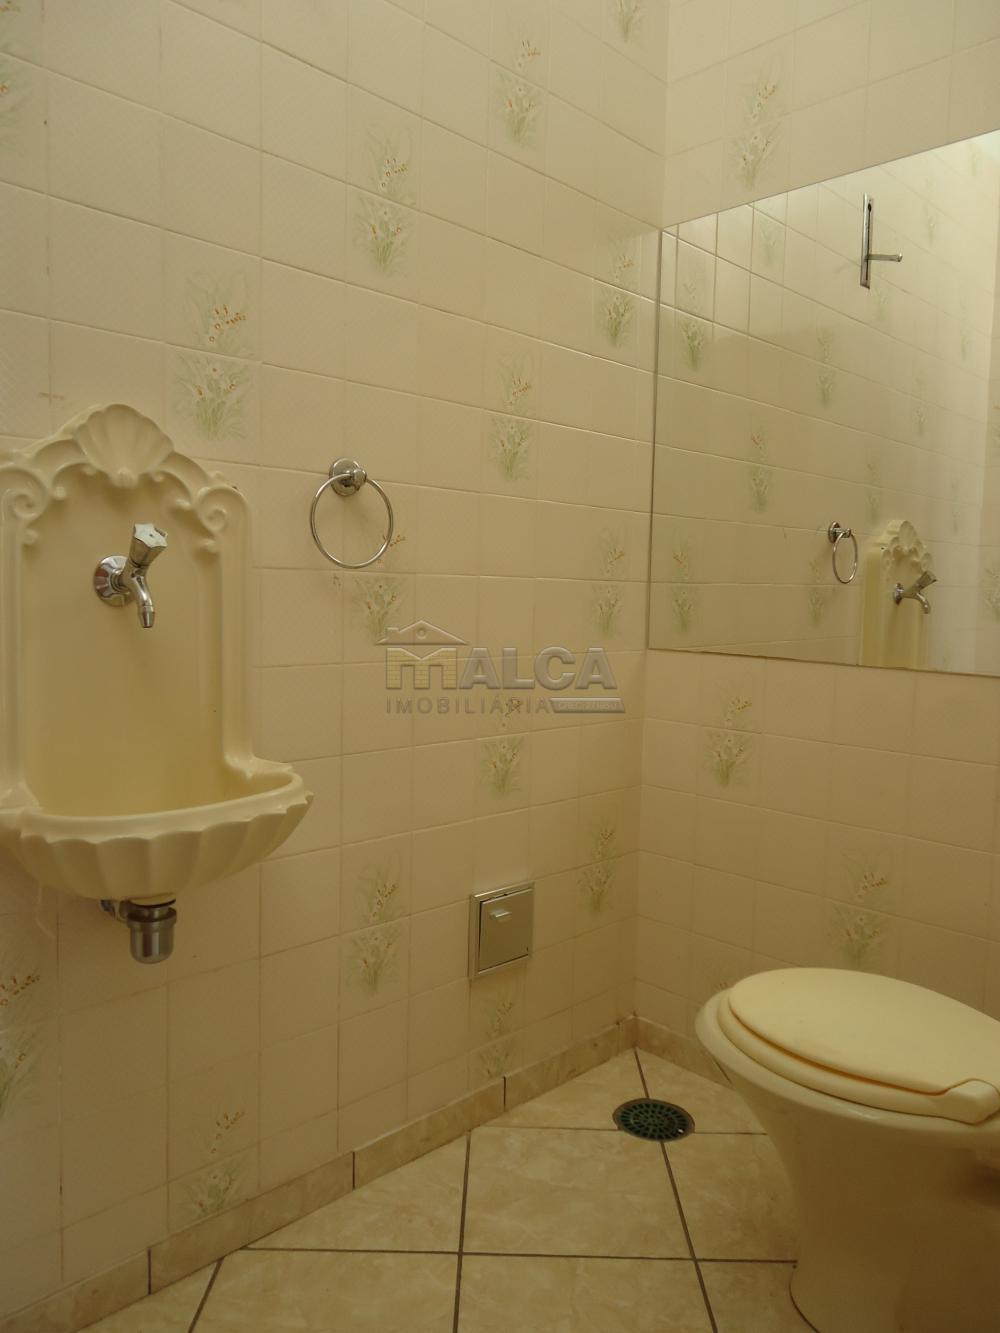 Alugar Casas / Padrão em São José do Rio Pardo R$ 1.300,00 - Foto 10